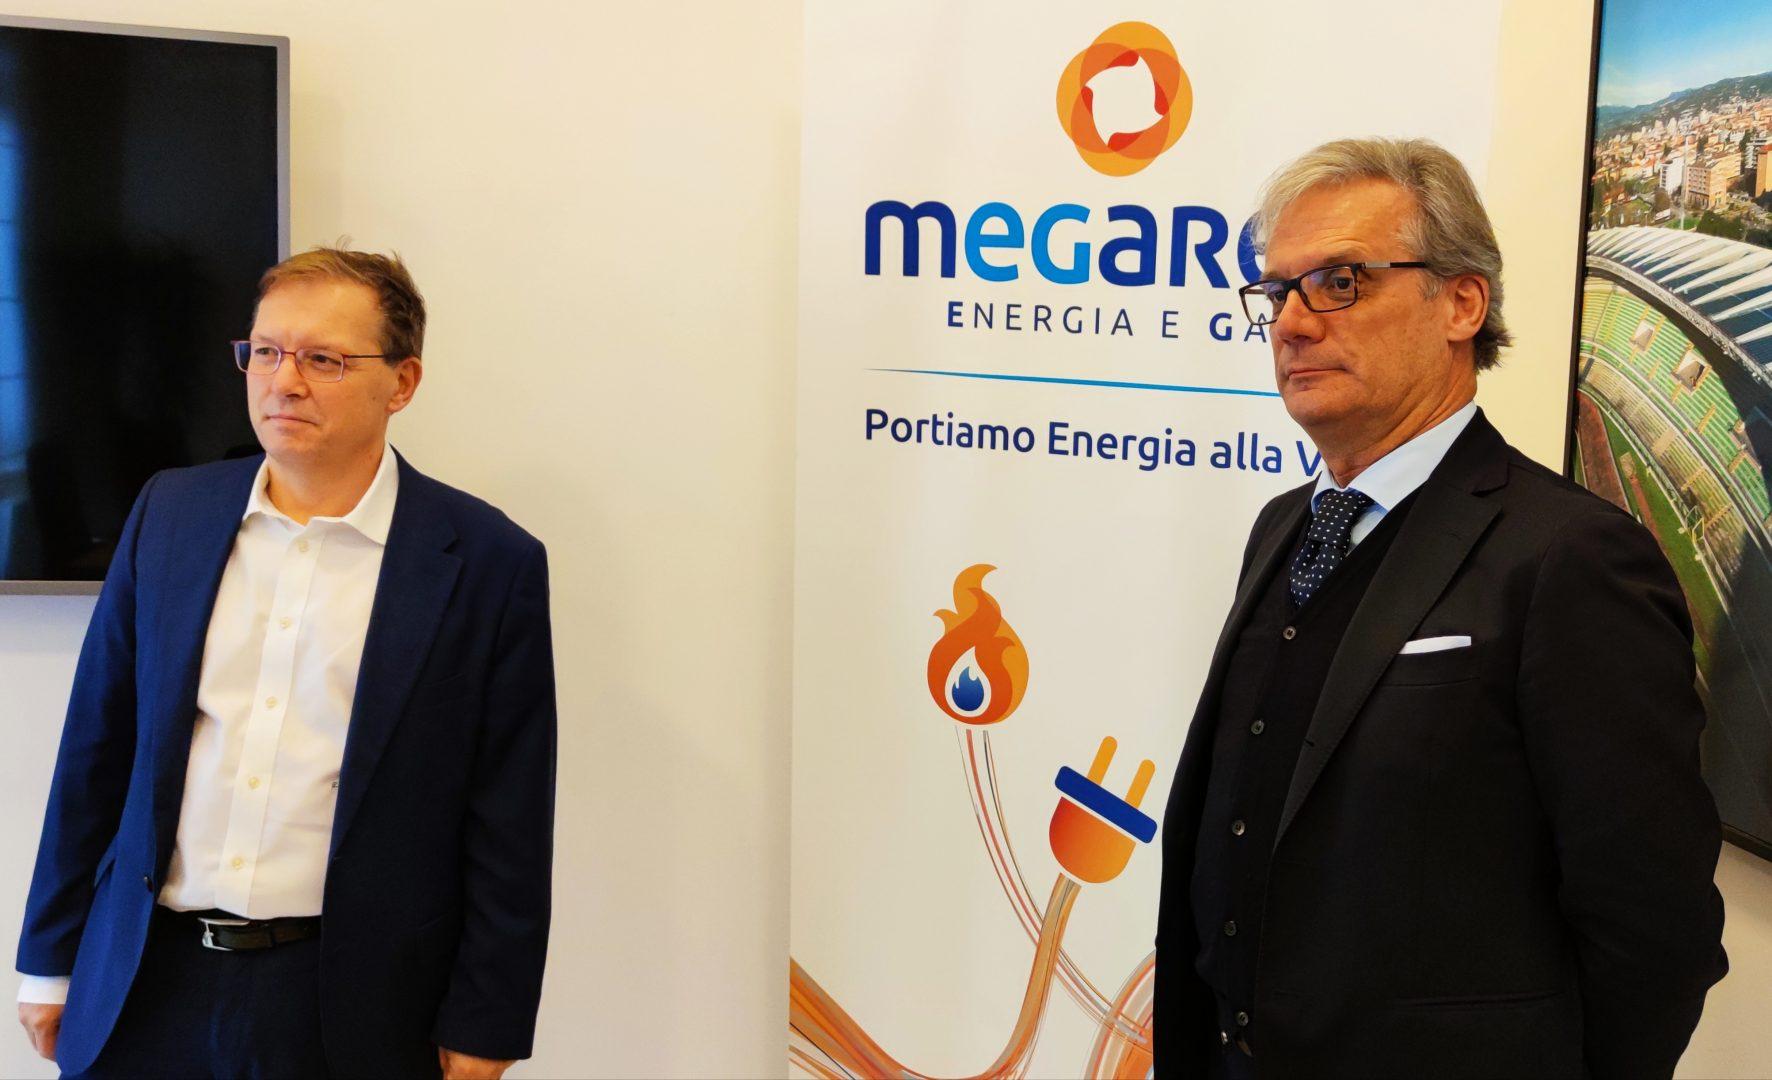 Da destra Alessandro Montagna presidente Megareti e Livio Negrini direttore operativo Megareti